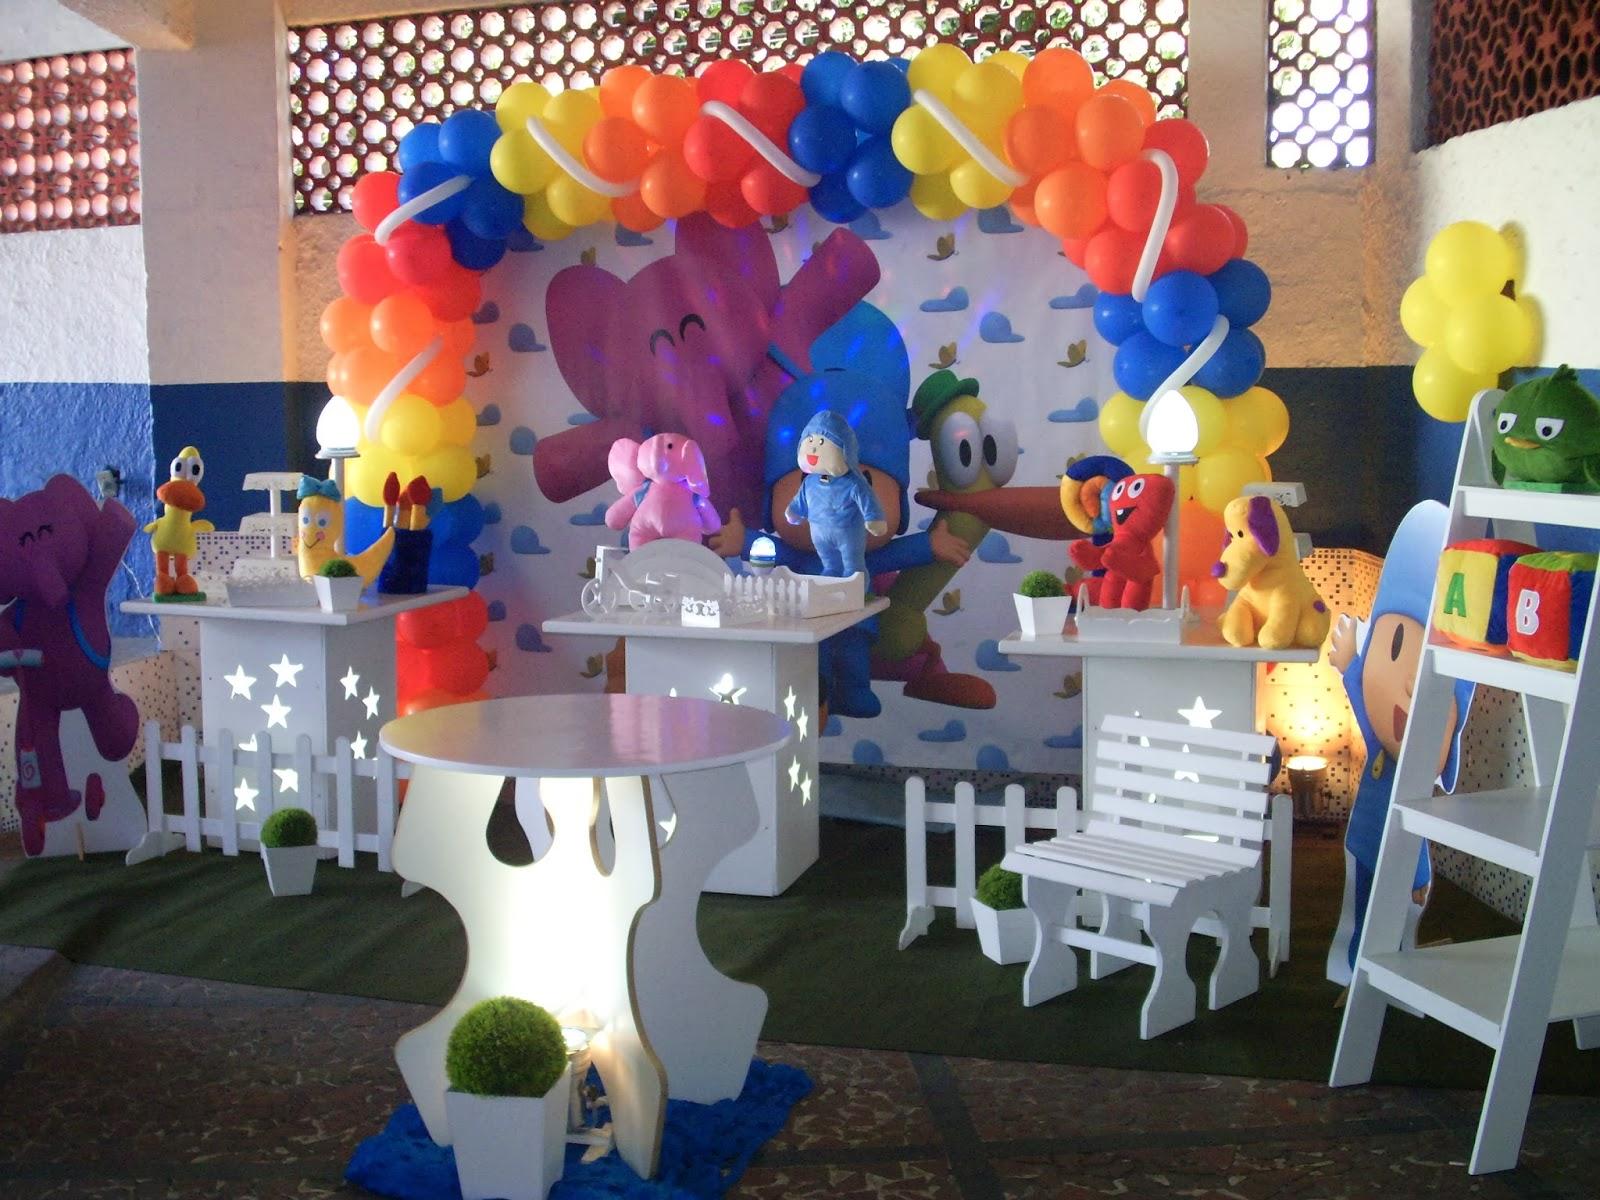 Pocoyo - Decoração provençal para festa infantil com tema do Pocoyo